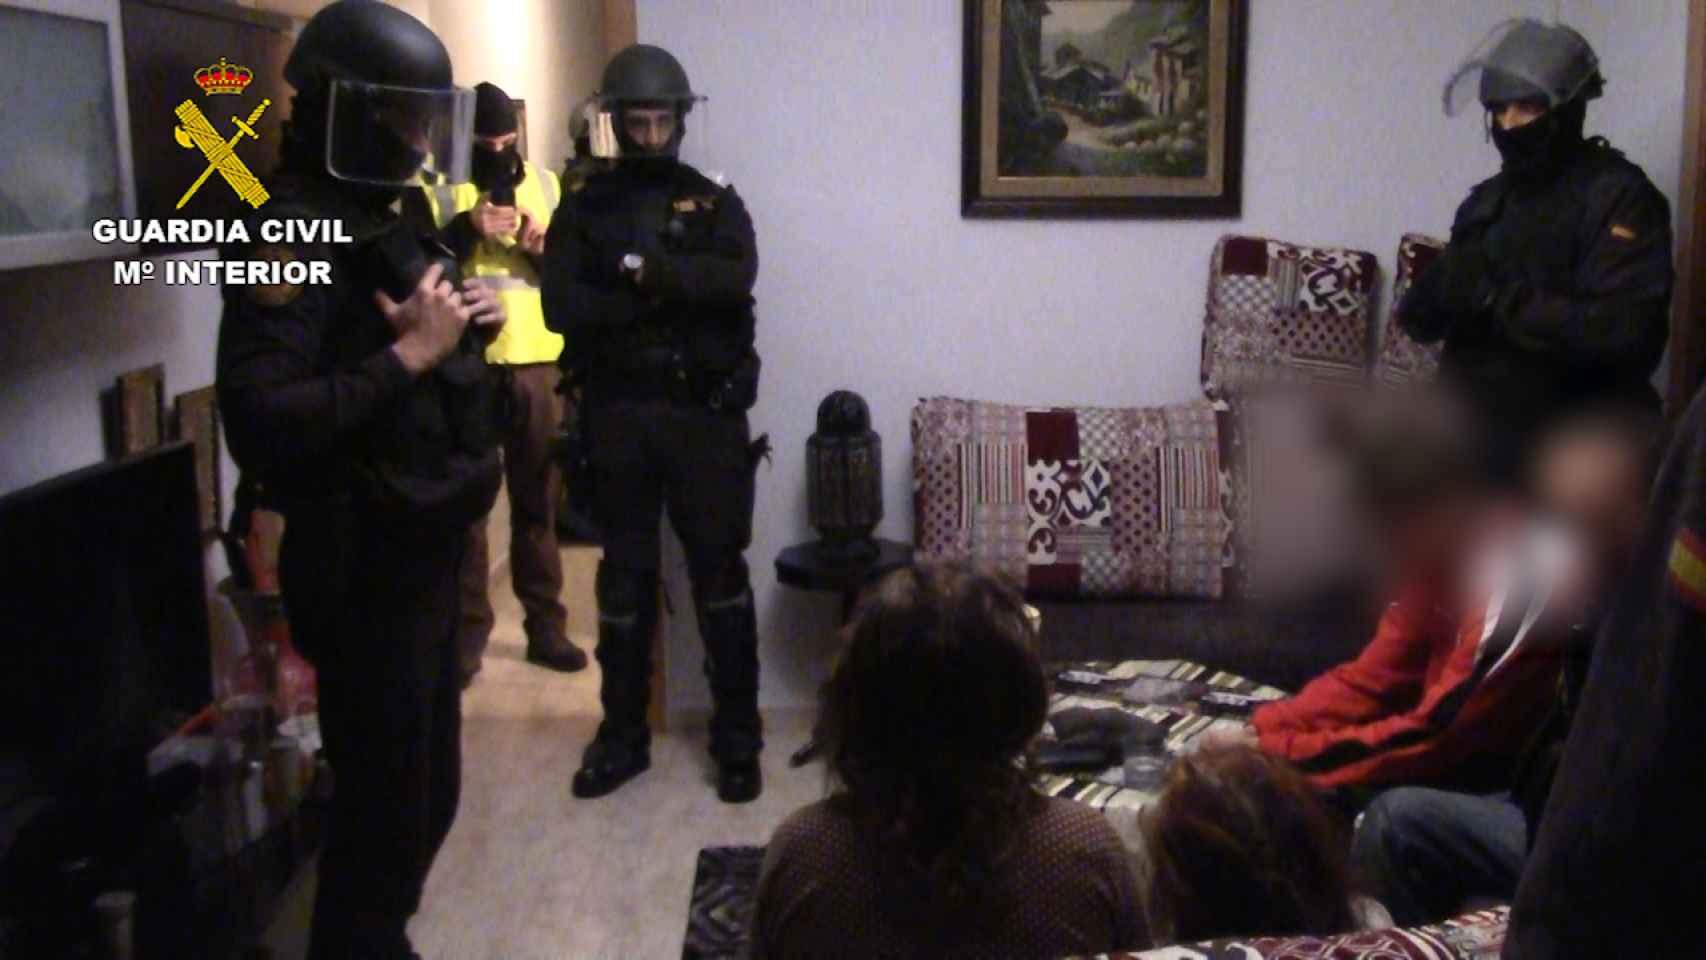 Intervención de las fuerzas de seguridad en la vivienda de los miembros de los yihadistas